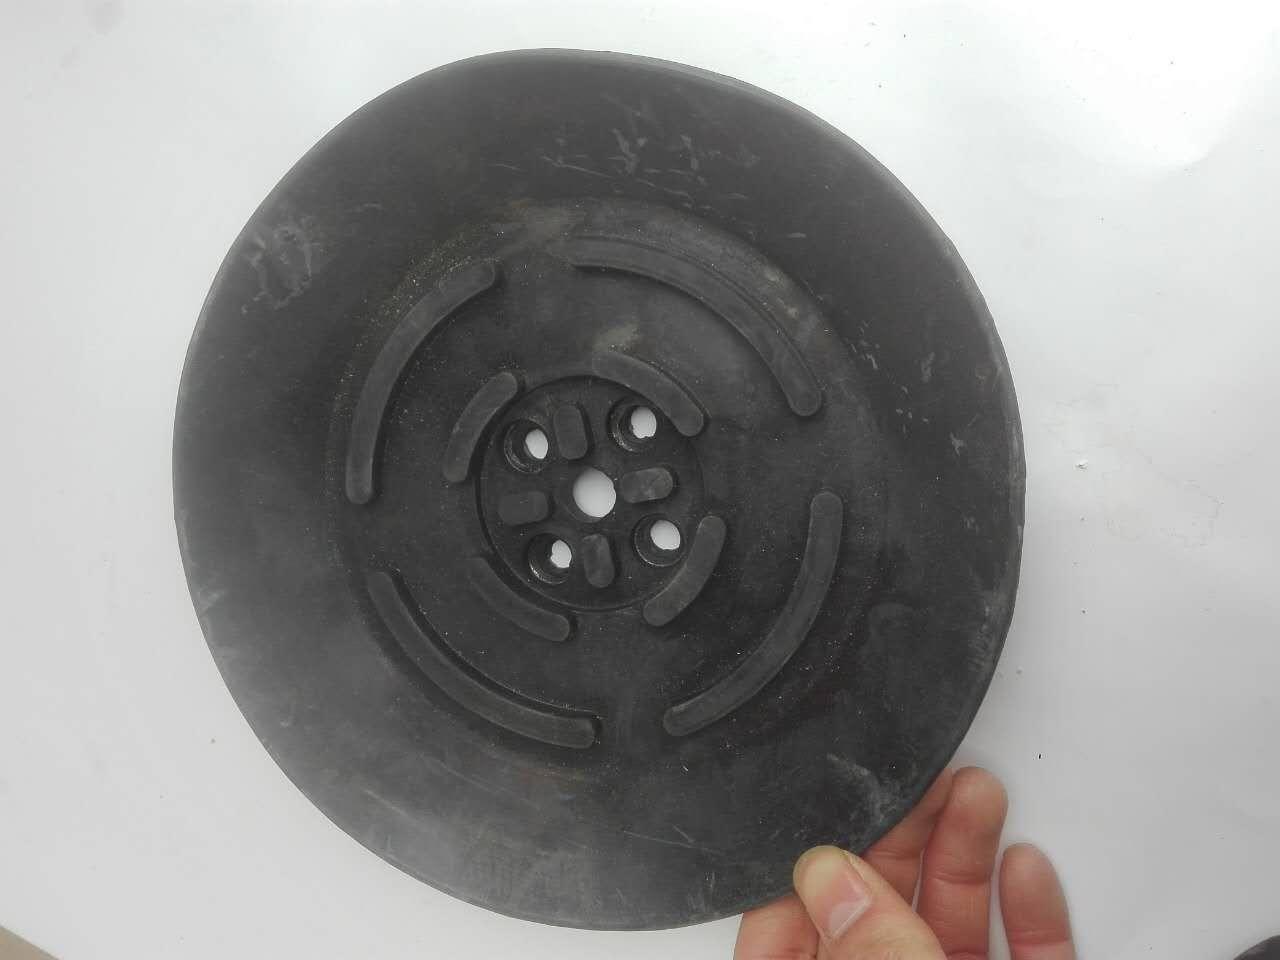 橡胶吸盘图片/橡胶吸盘样板图 (4)